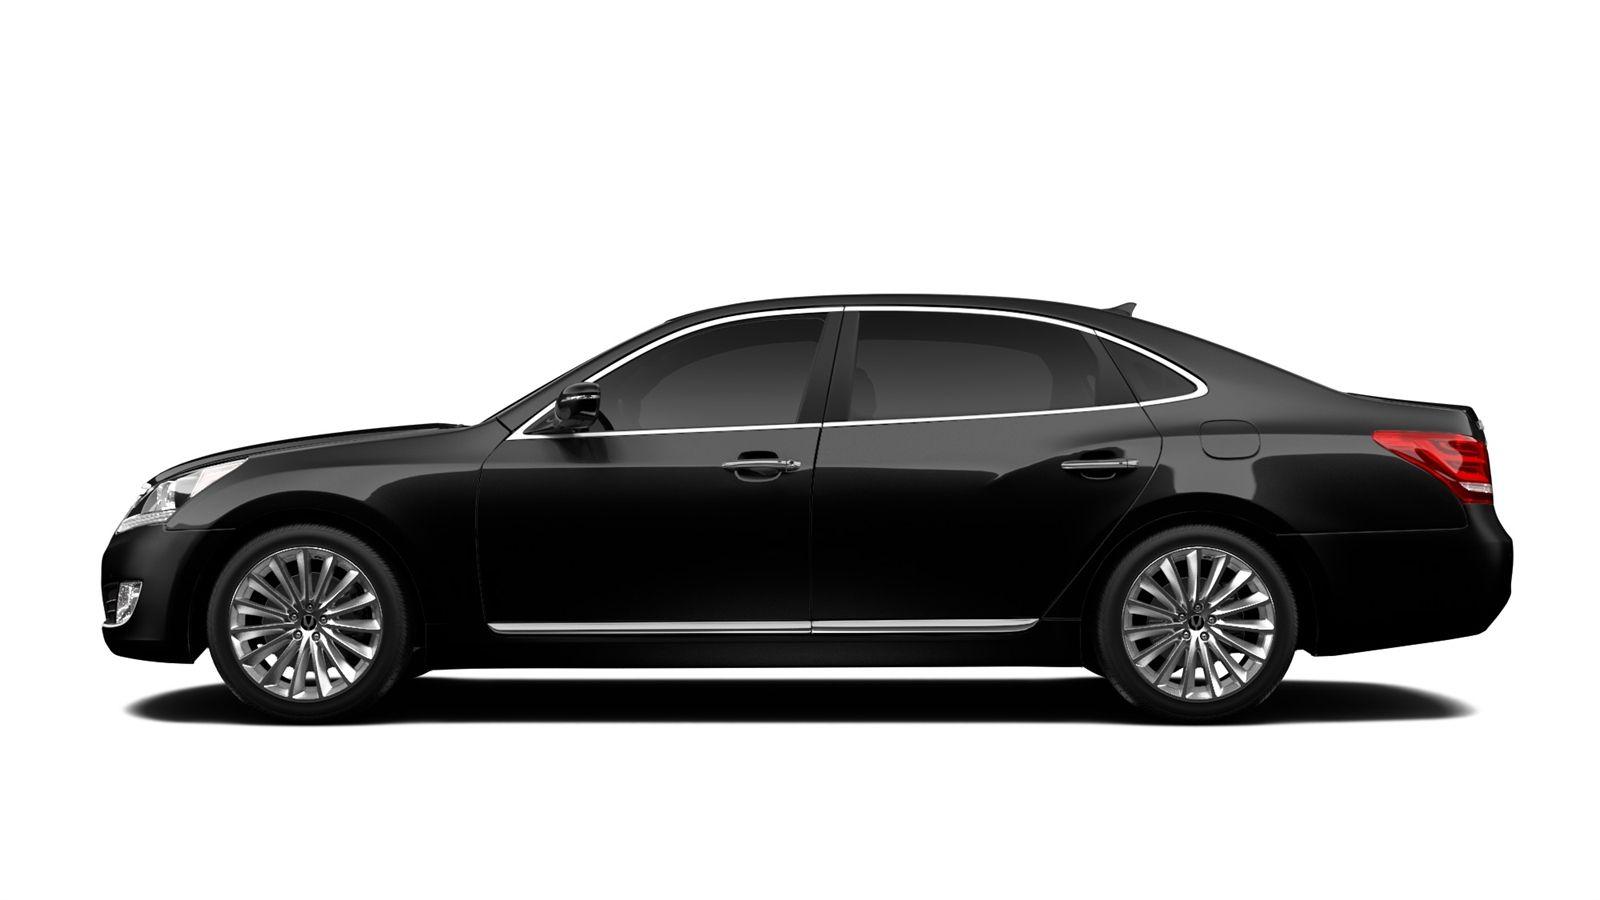 Hyundai equus luxury sedan